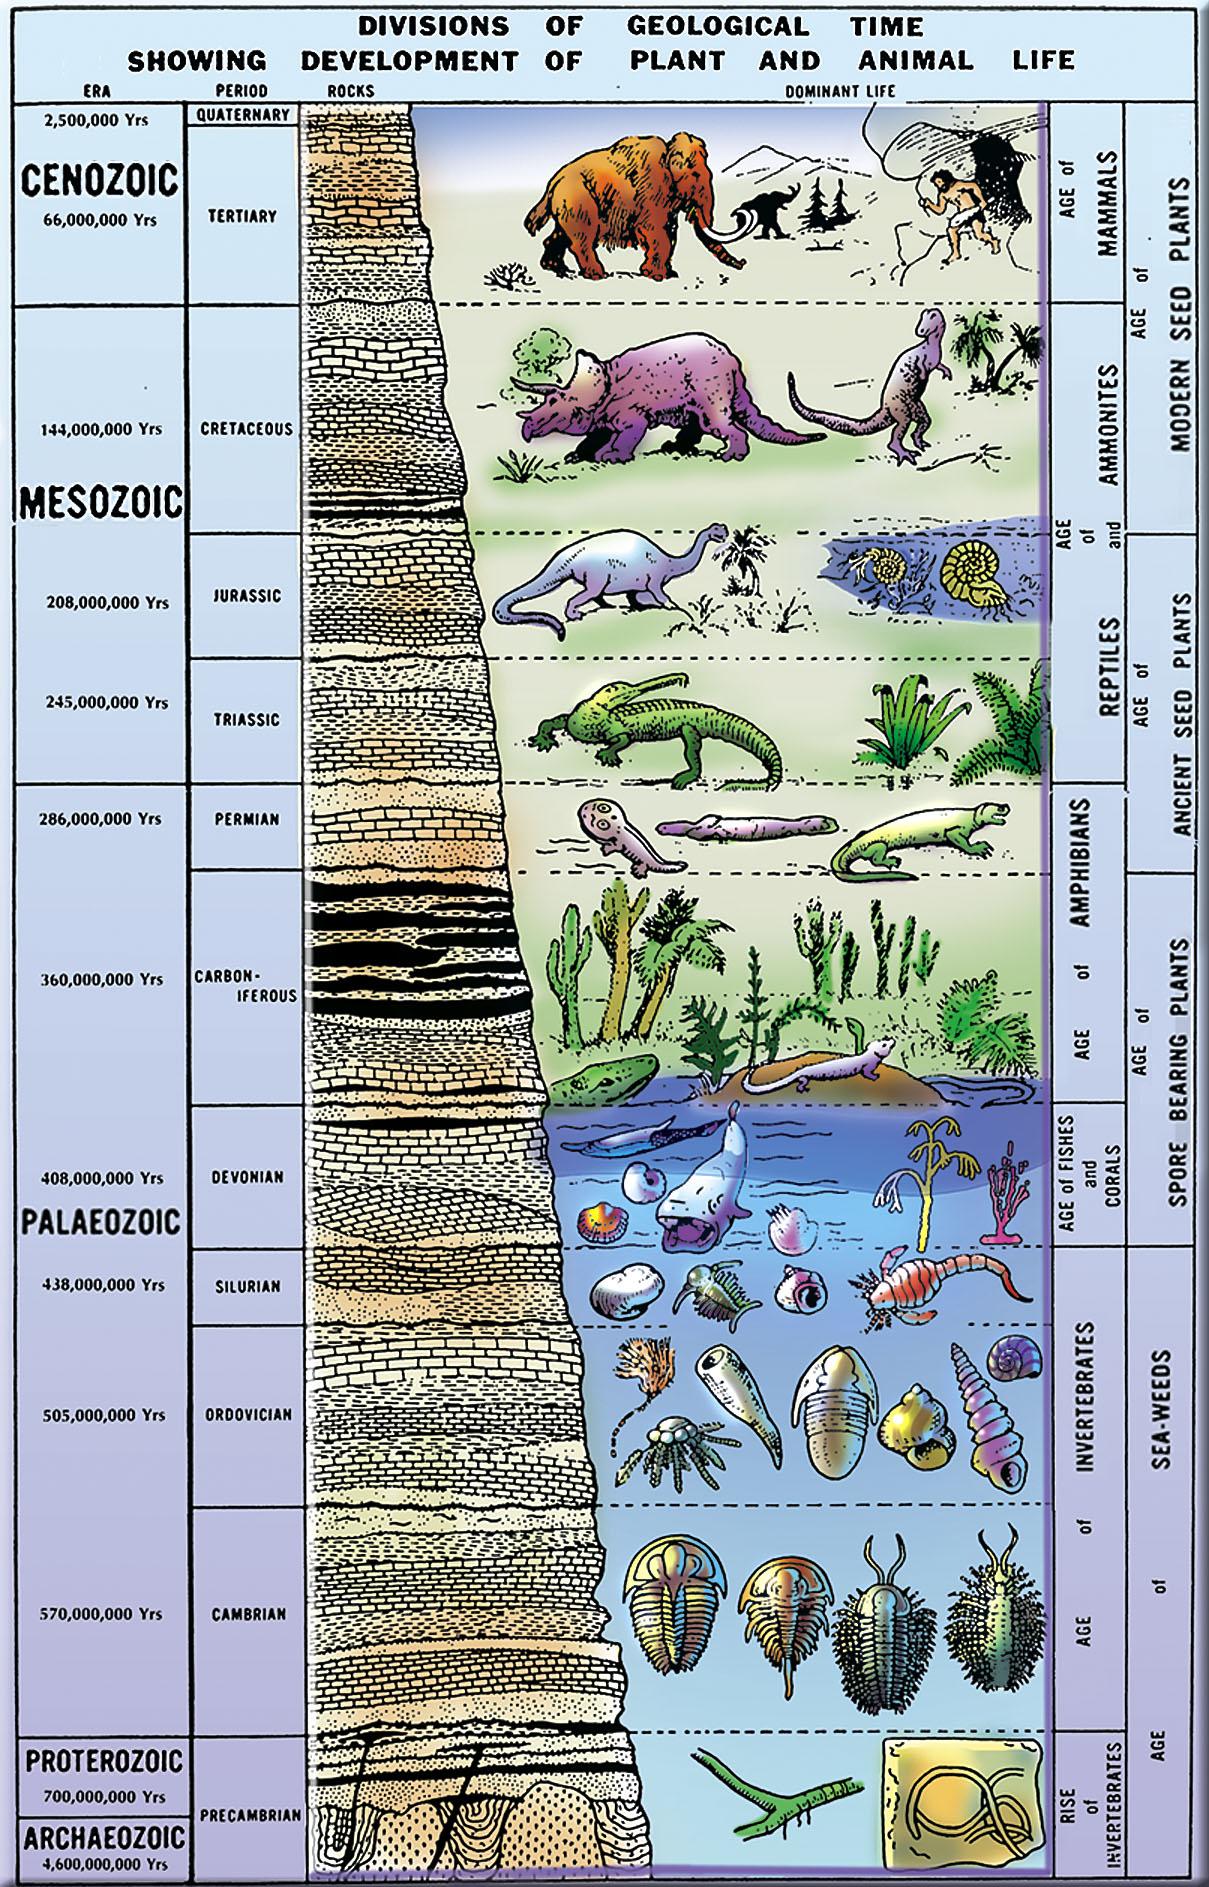 картинки геологические эры пусть кажется делом